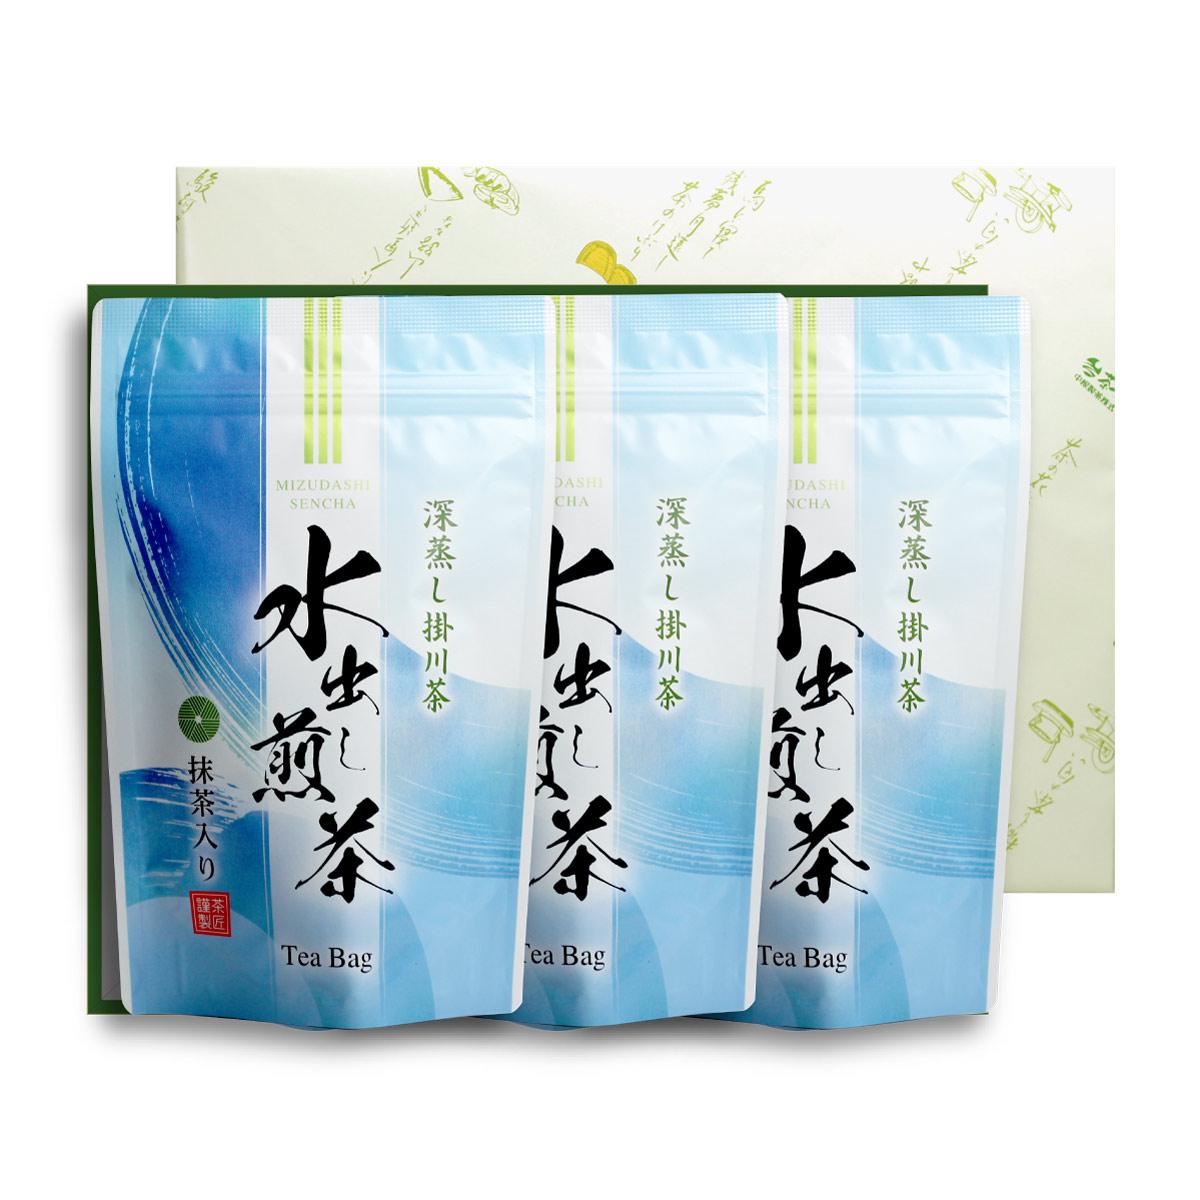 【贈答用】水出し煎茶ティ-バッグ3袋セット(5g×16ヶ入×3袋)